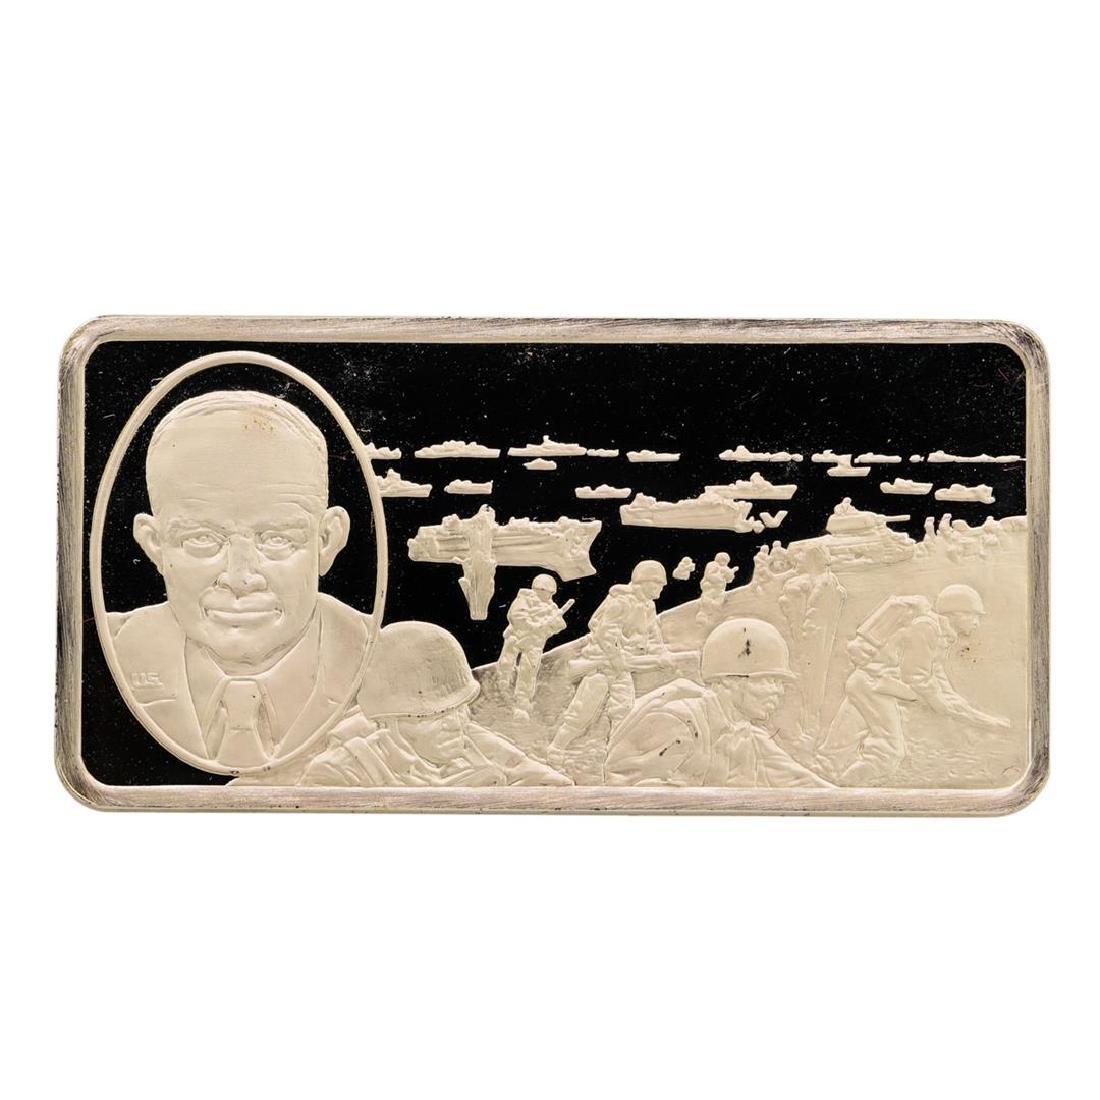 500 Grain Sterling Silver Franklin Mint 100 Greatest